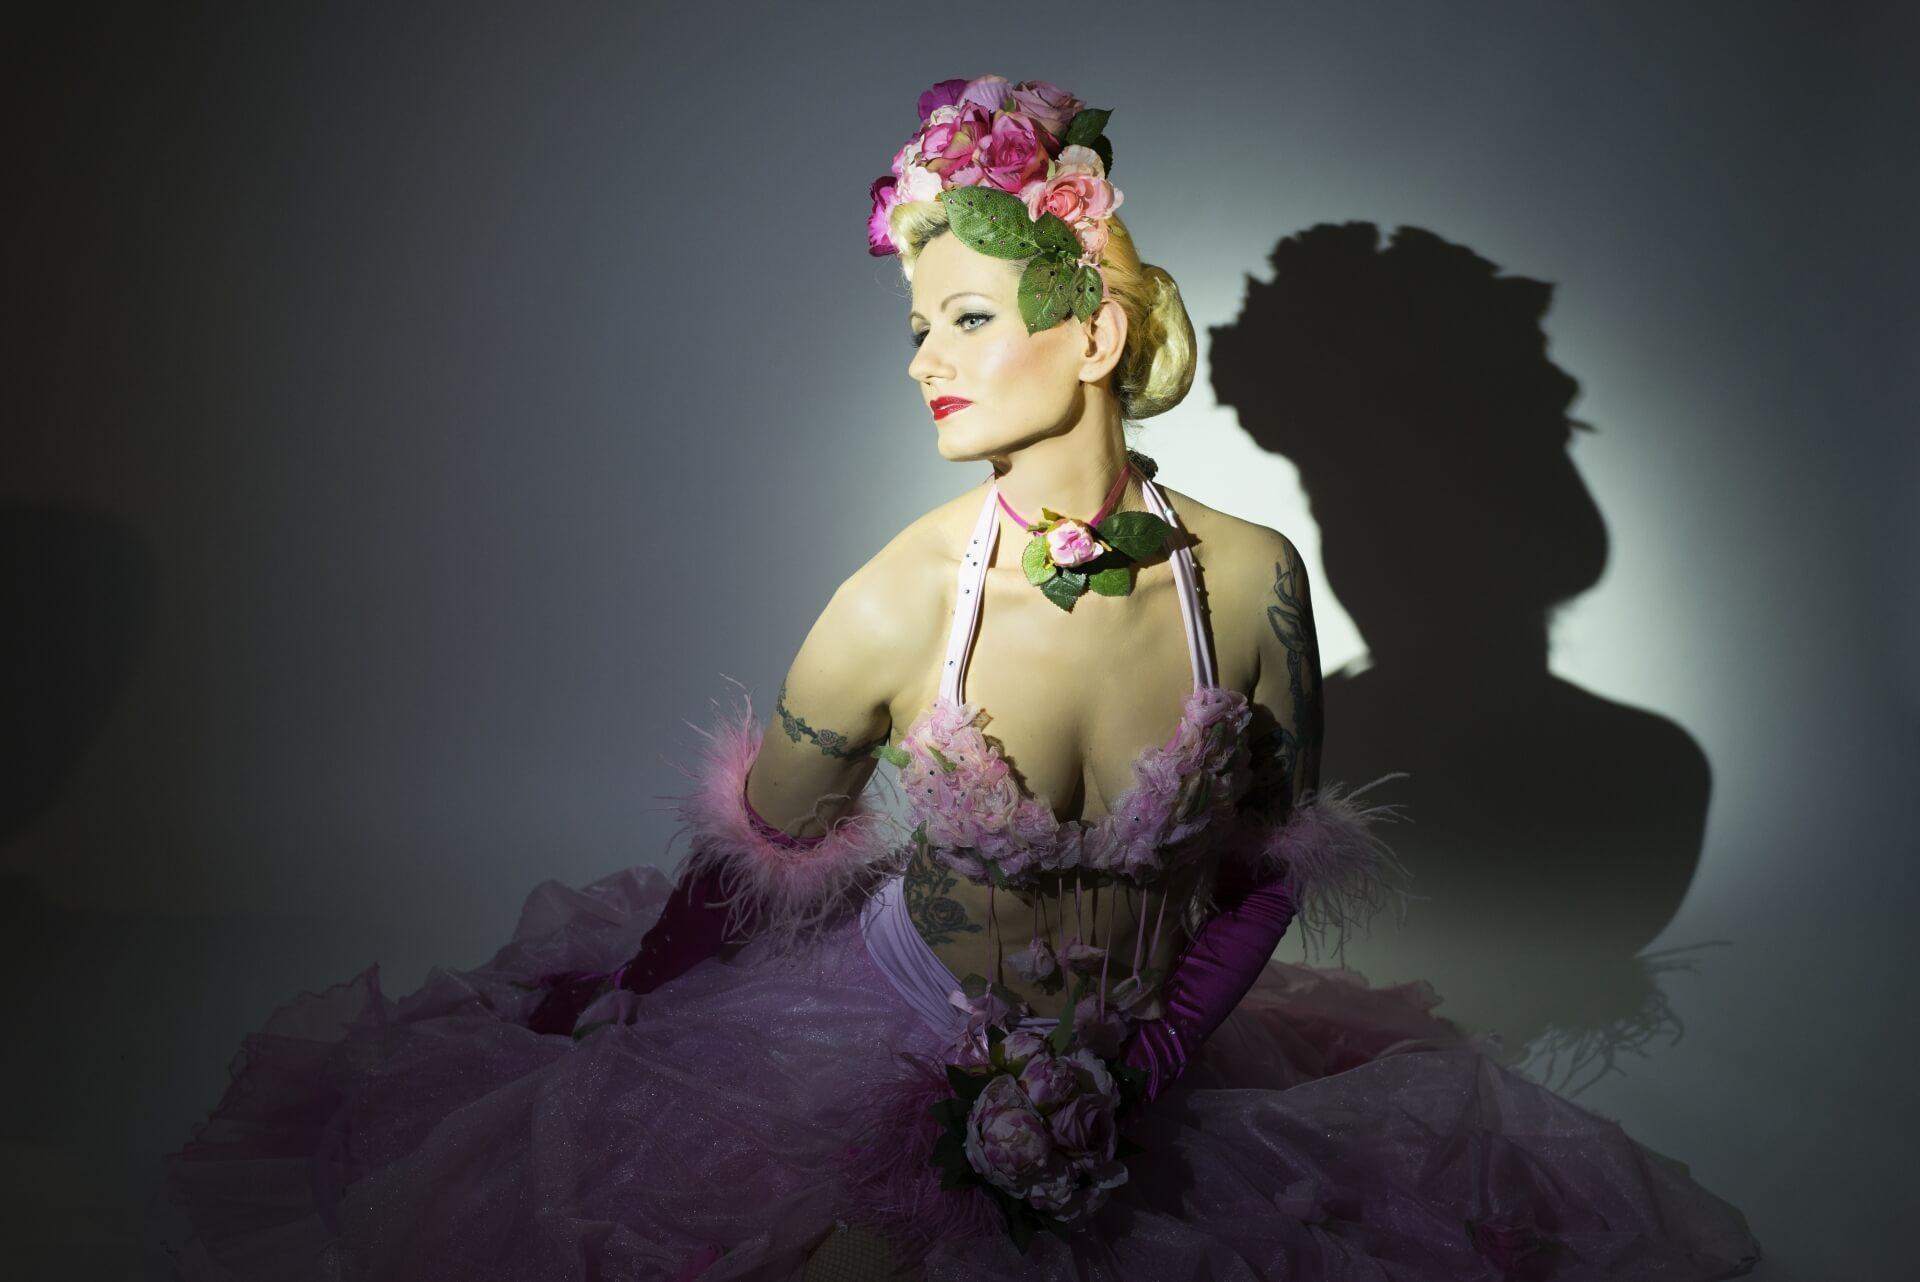 Burlesque Show buchen mit Burlesque Tänzerin Rose Rainbow Blonde Bombshell Burlesque. Buchbar in Deutschland, Österreich, Schweiz und weltweit